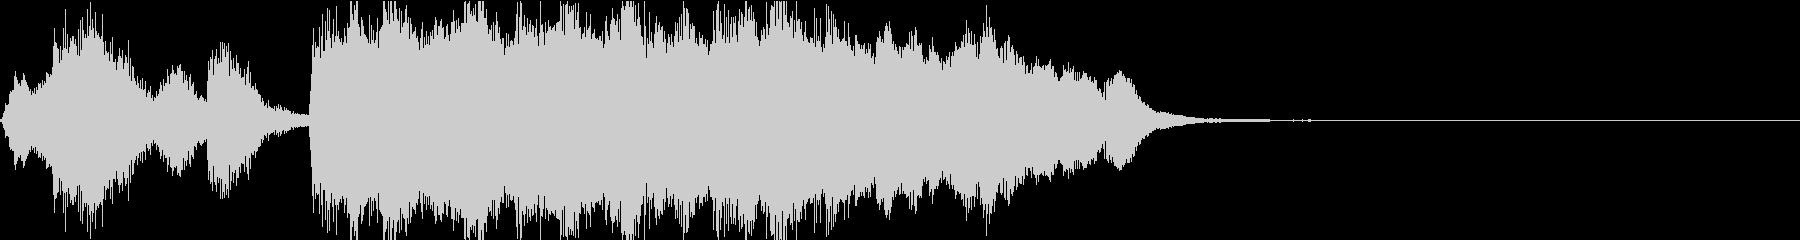 ゲーム・アイキャッチ向け管弦楽ジングルの未再生の波形